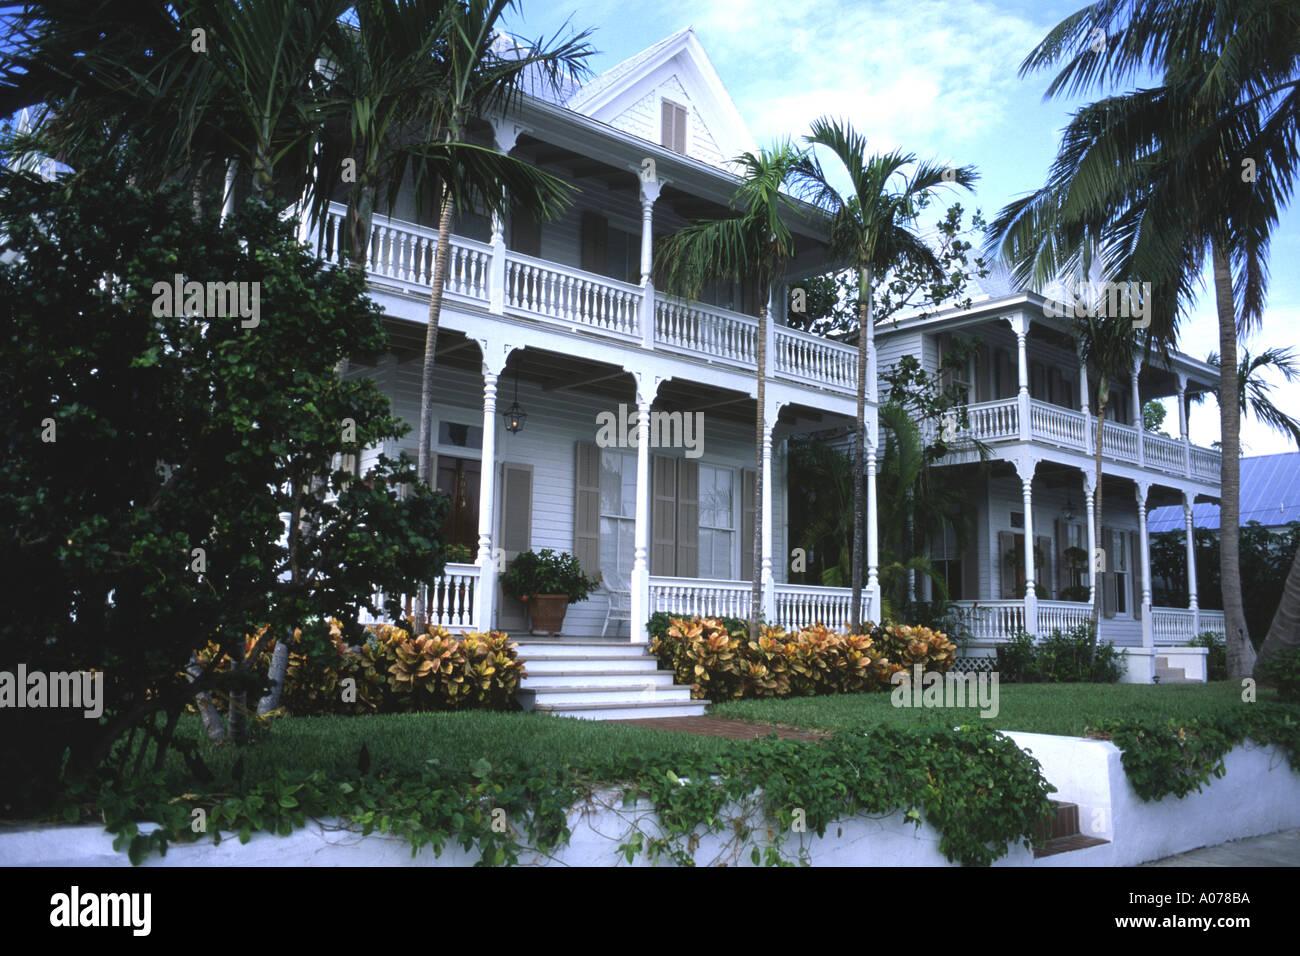 Paar Von Identischen Hausern Im Typischen Stil Key West Florida Usa